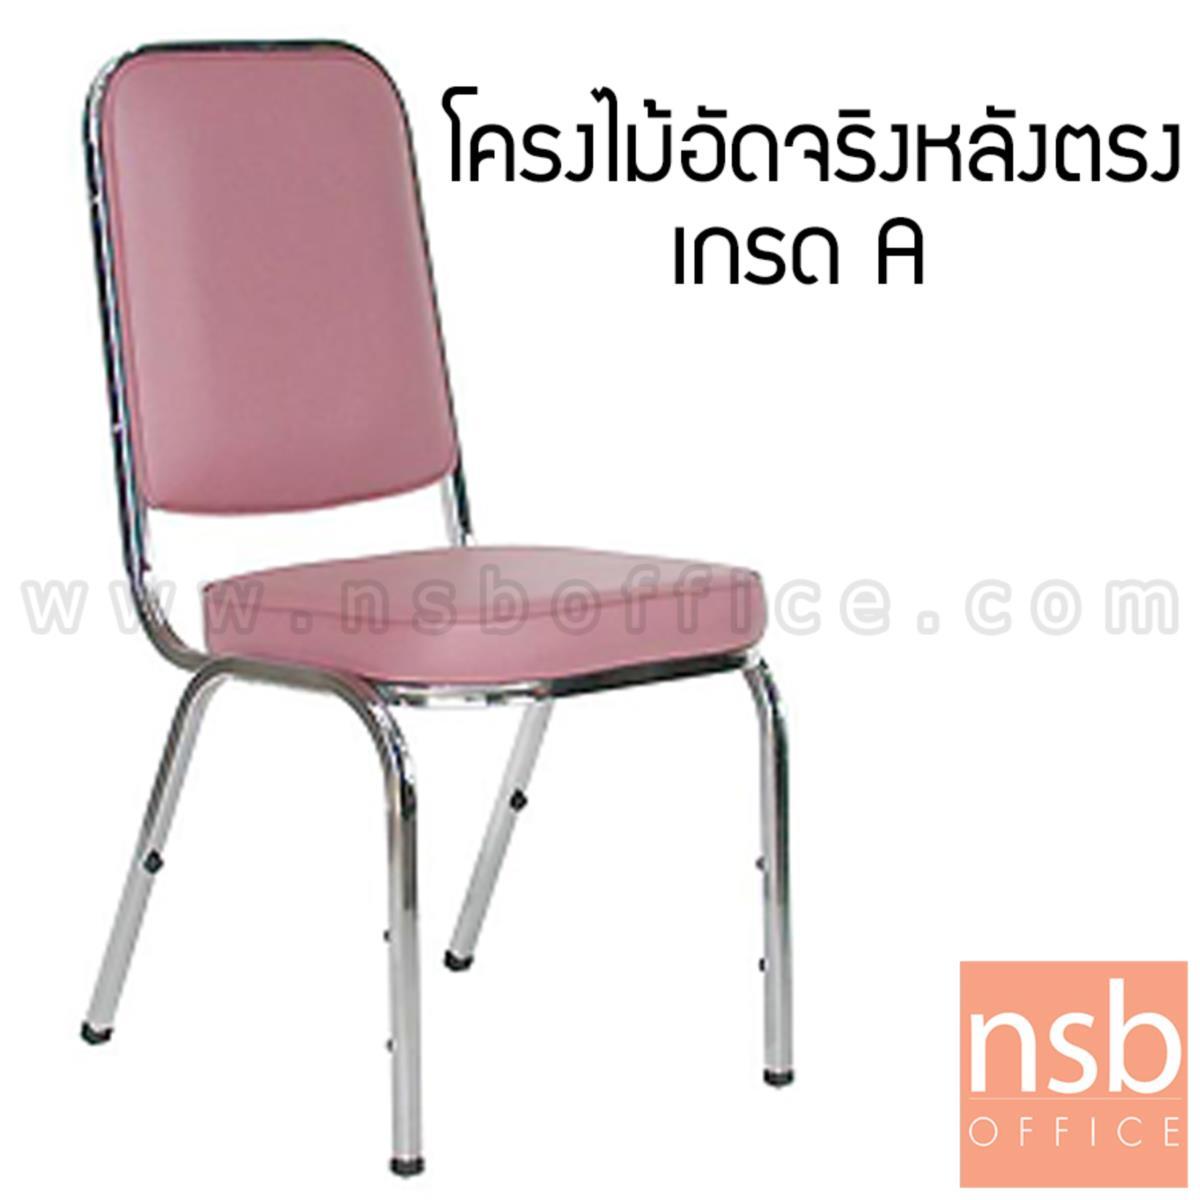 B05A008:เก้าอี้อเนกประสงค์จัดเลี้ยง รุ่น CM-018-A ขาเหล็ก